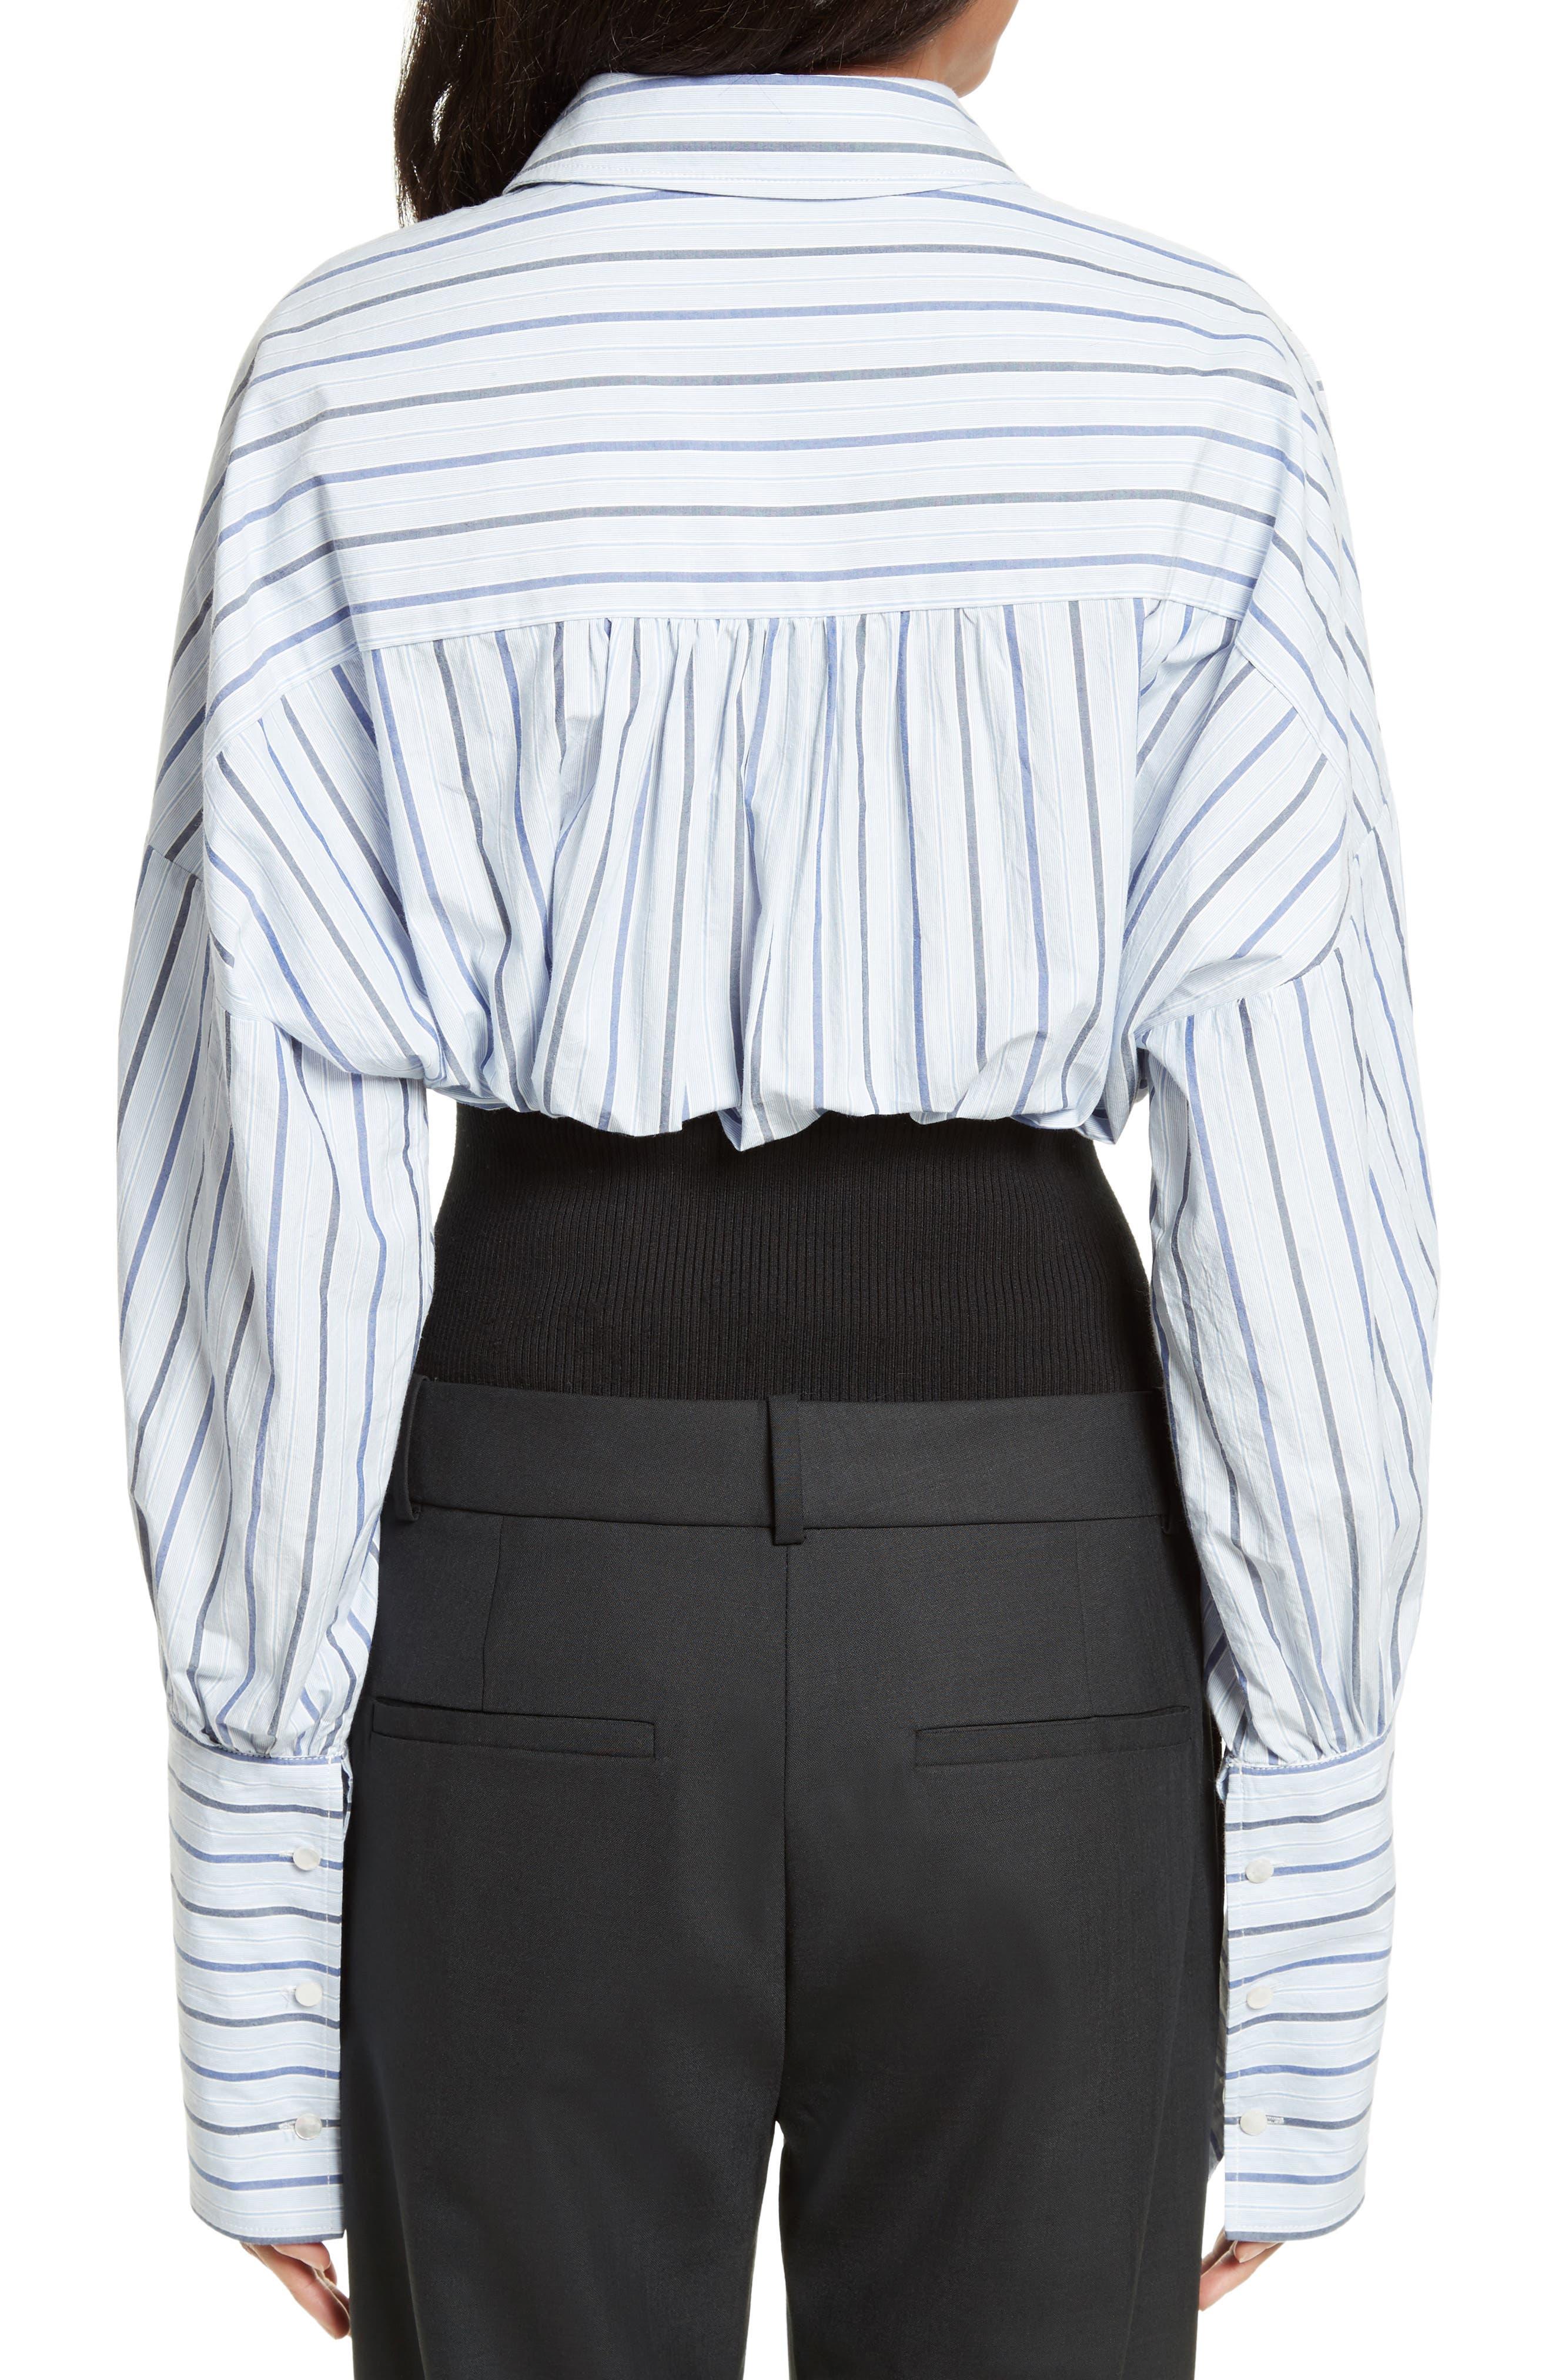 Garçon Stripe Easy Shirt,                             Alternate thumbnail 2, color,                             402